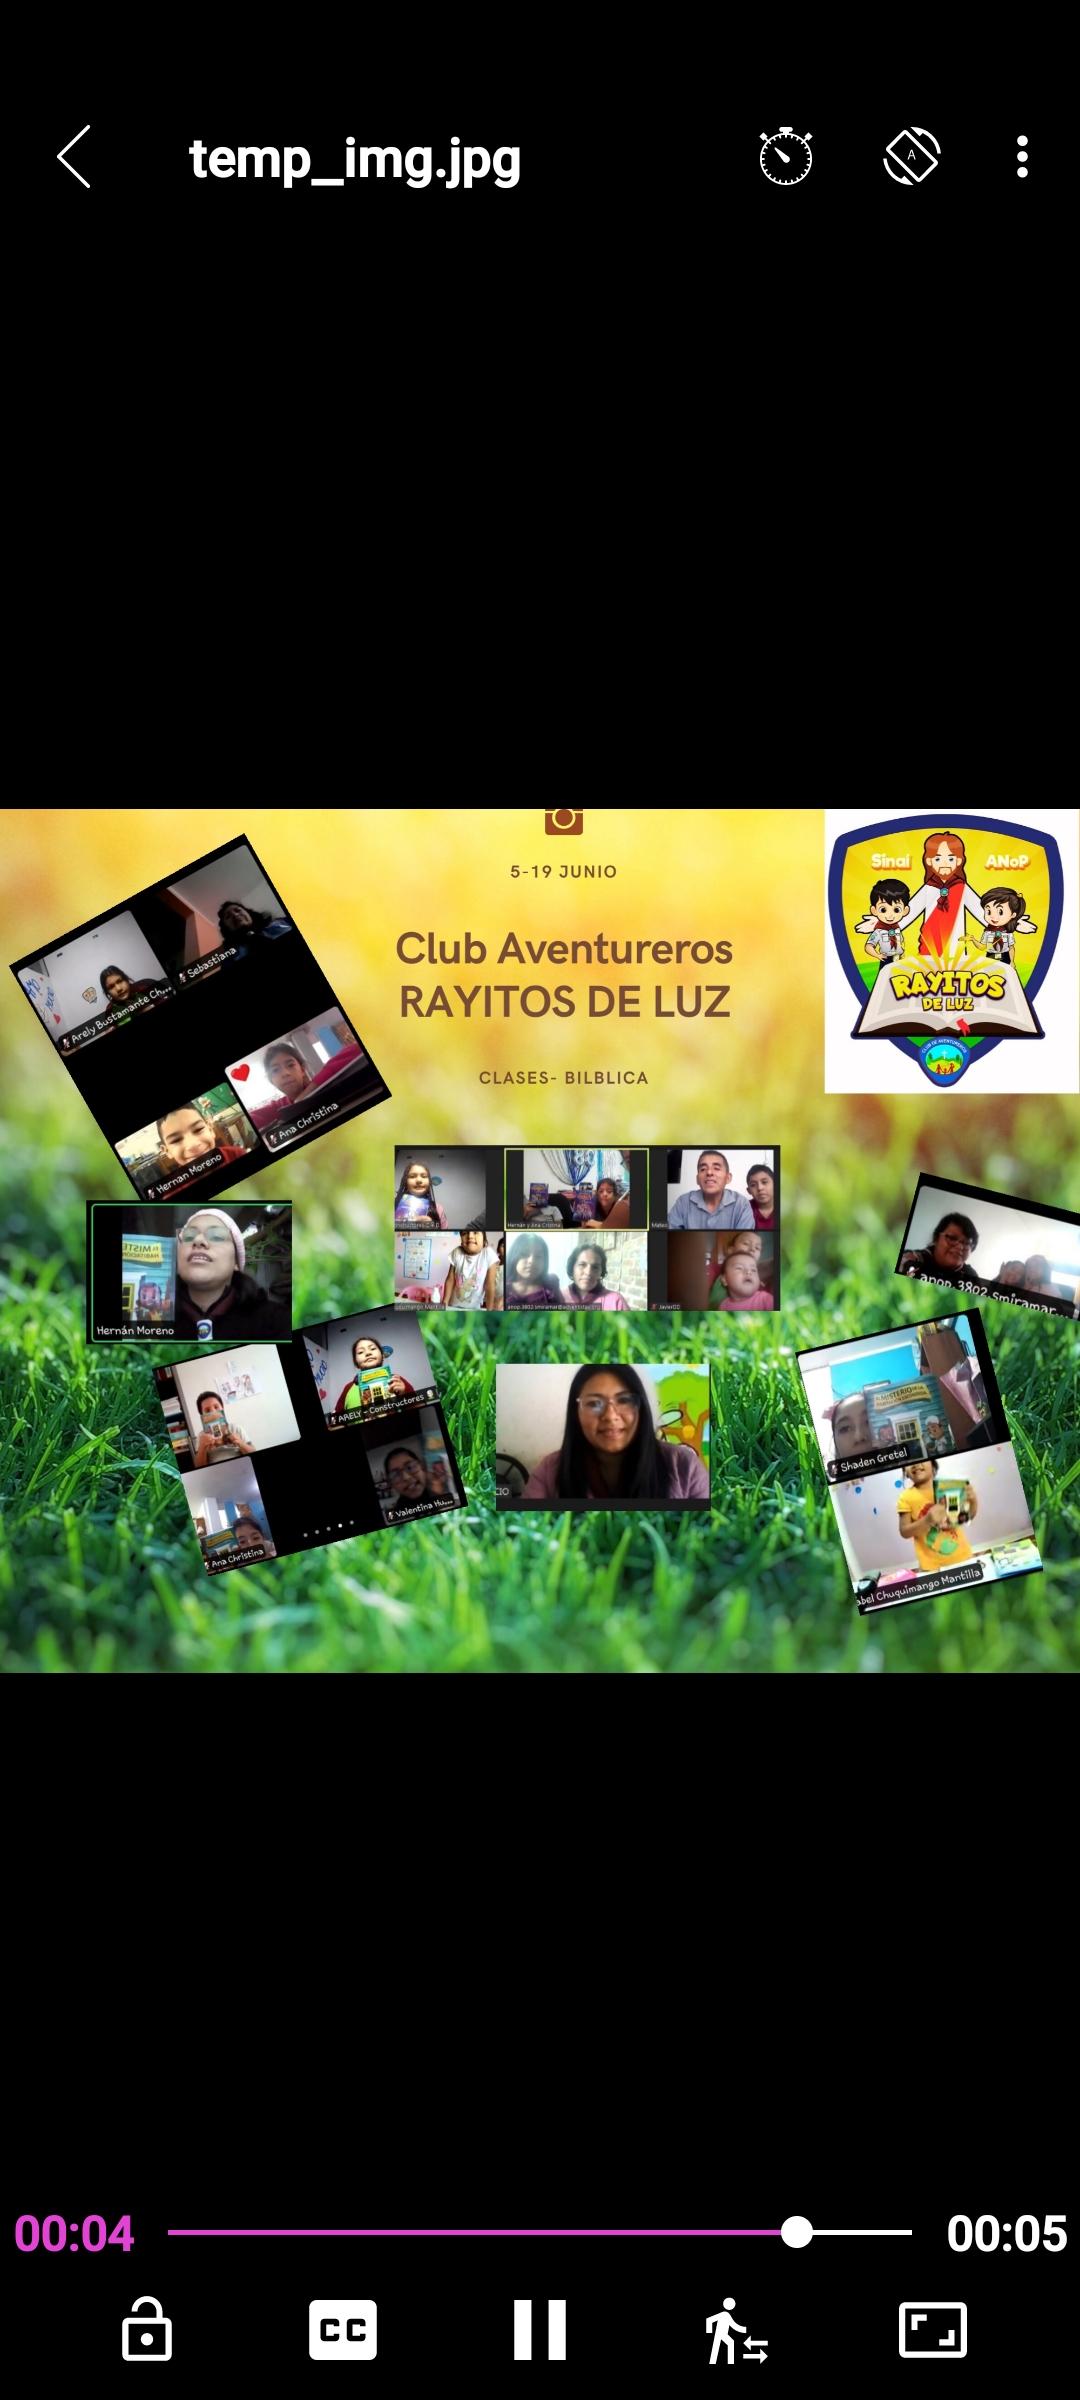 RAYITOS DE LUZ